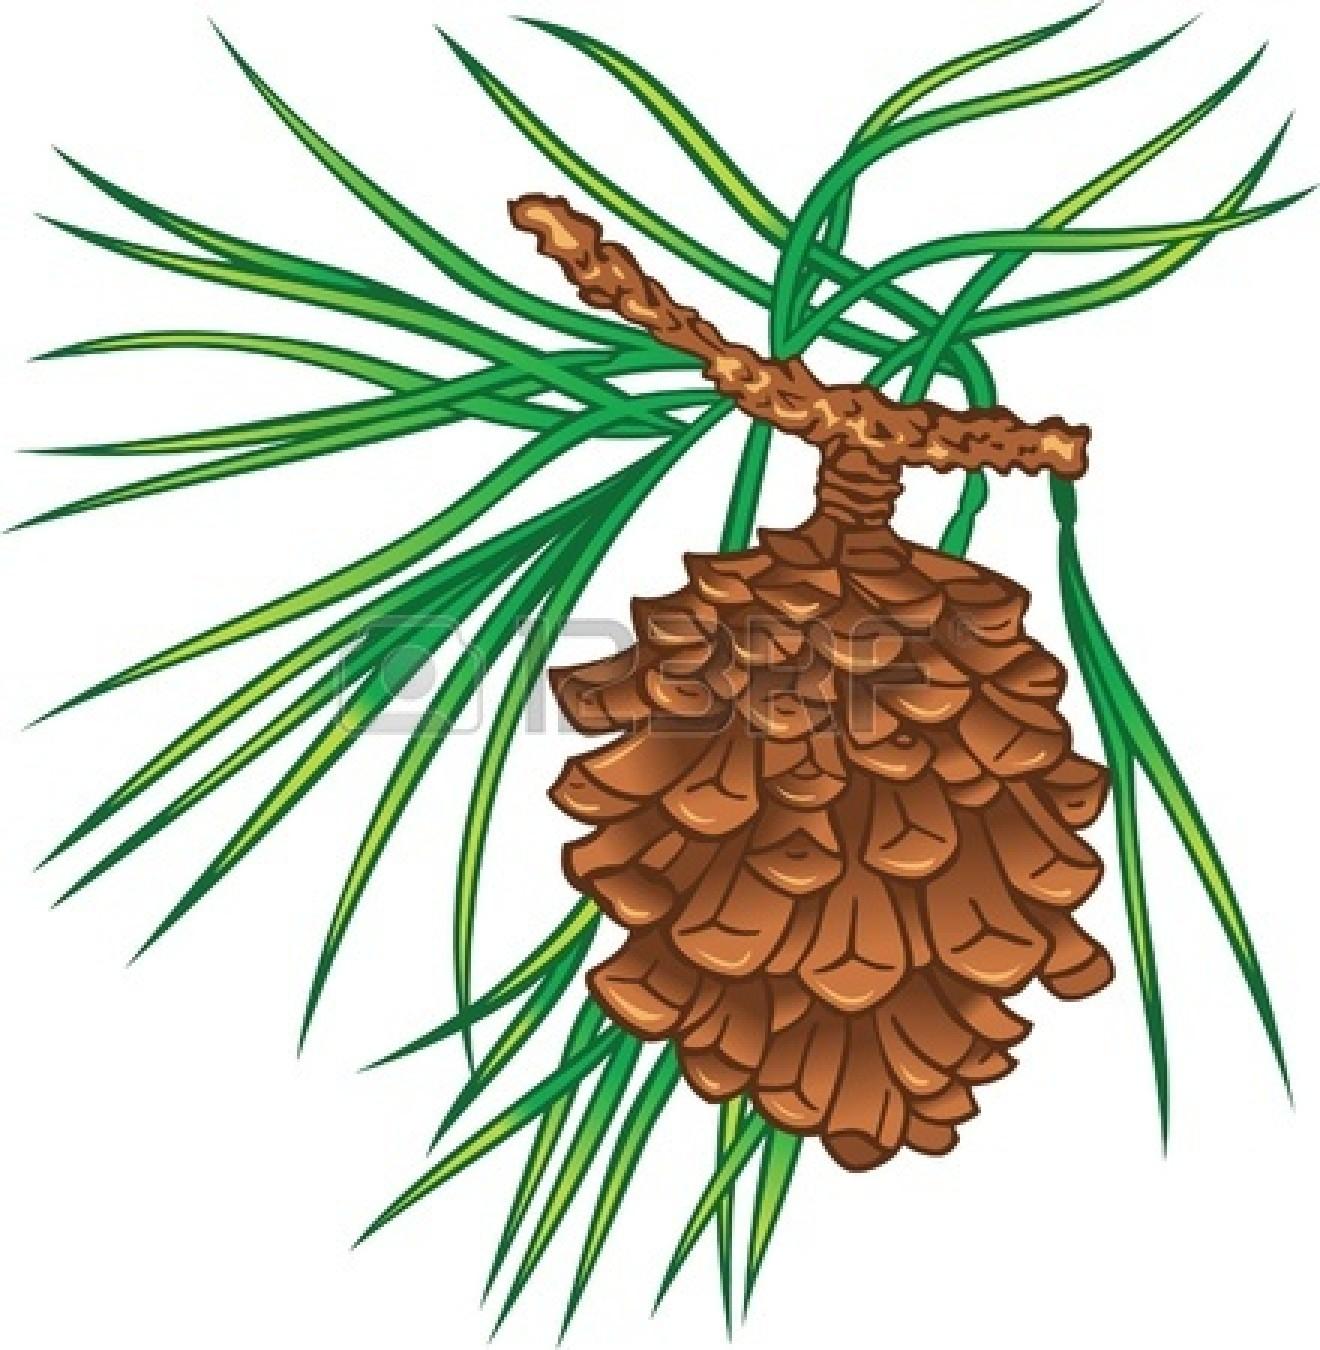 clip art pine cone clipart panda free clipart images rh clipartpanda com pine cone border clip art pine cone clip art free